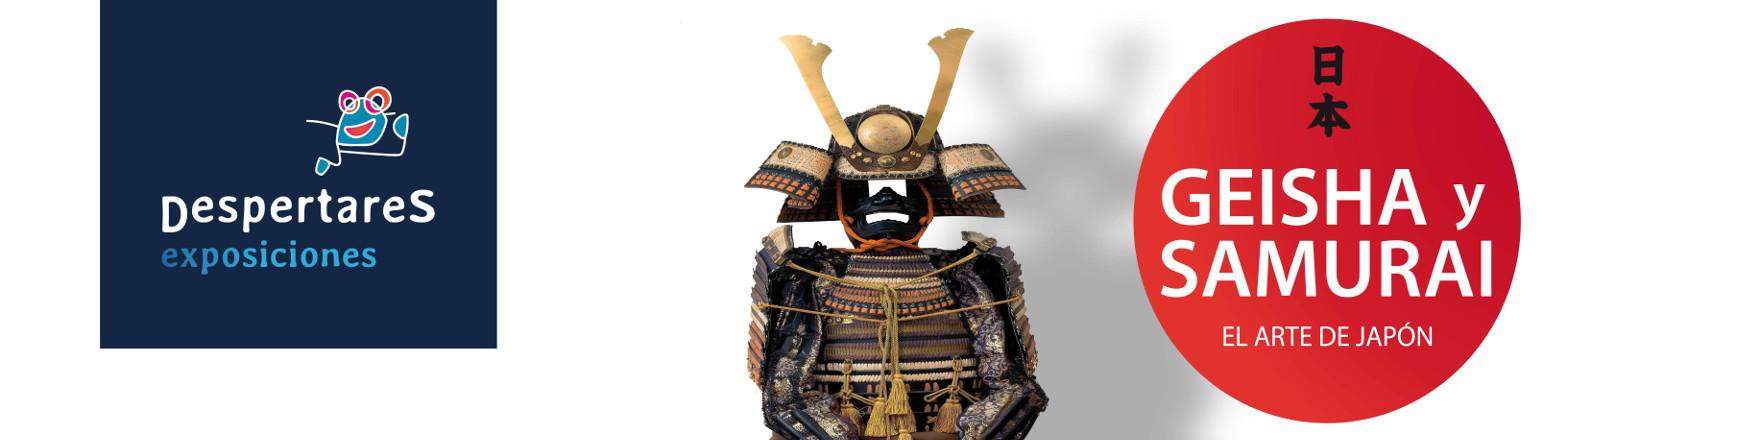 cabecera Japon Despertares